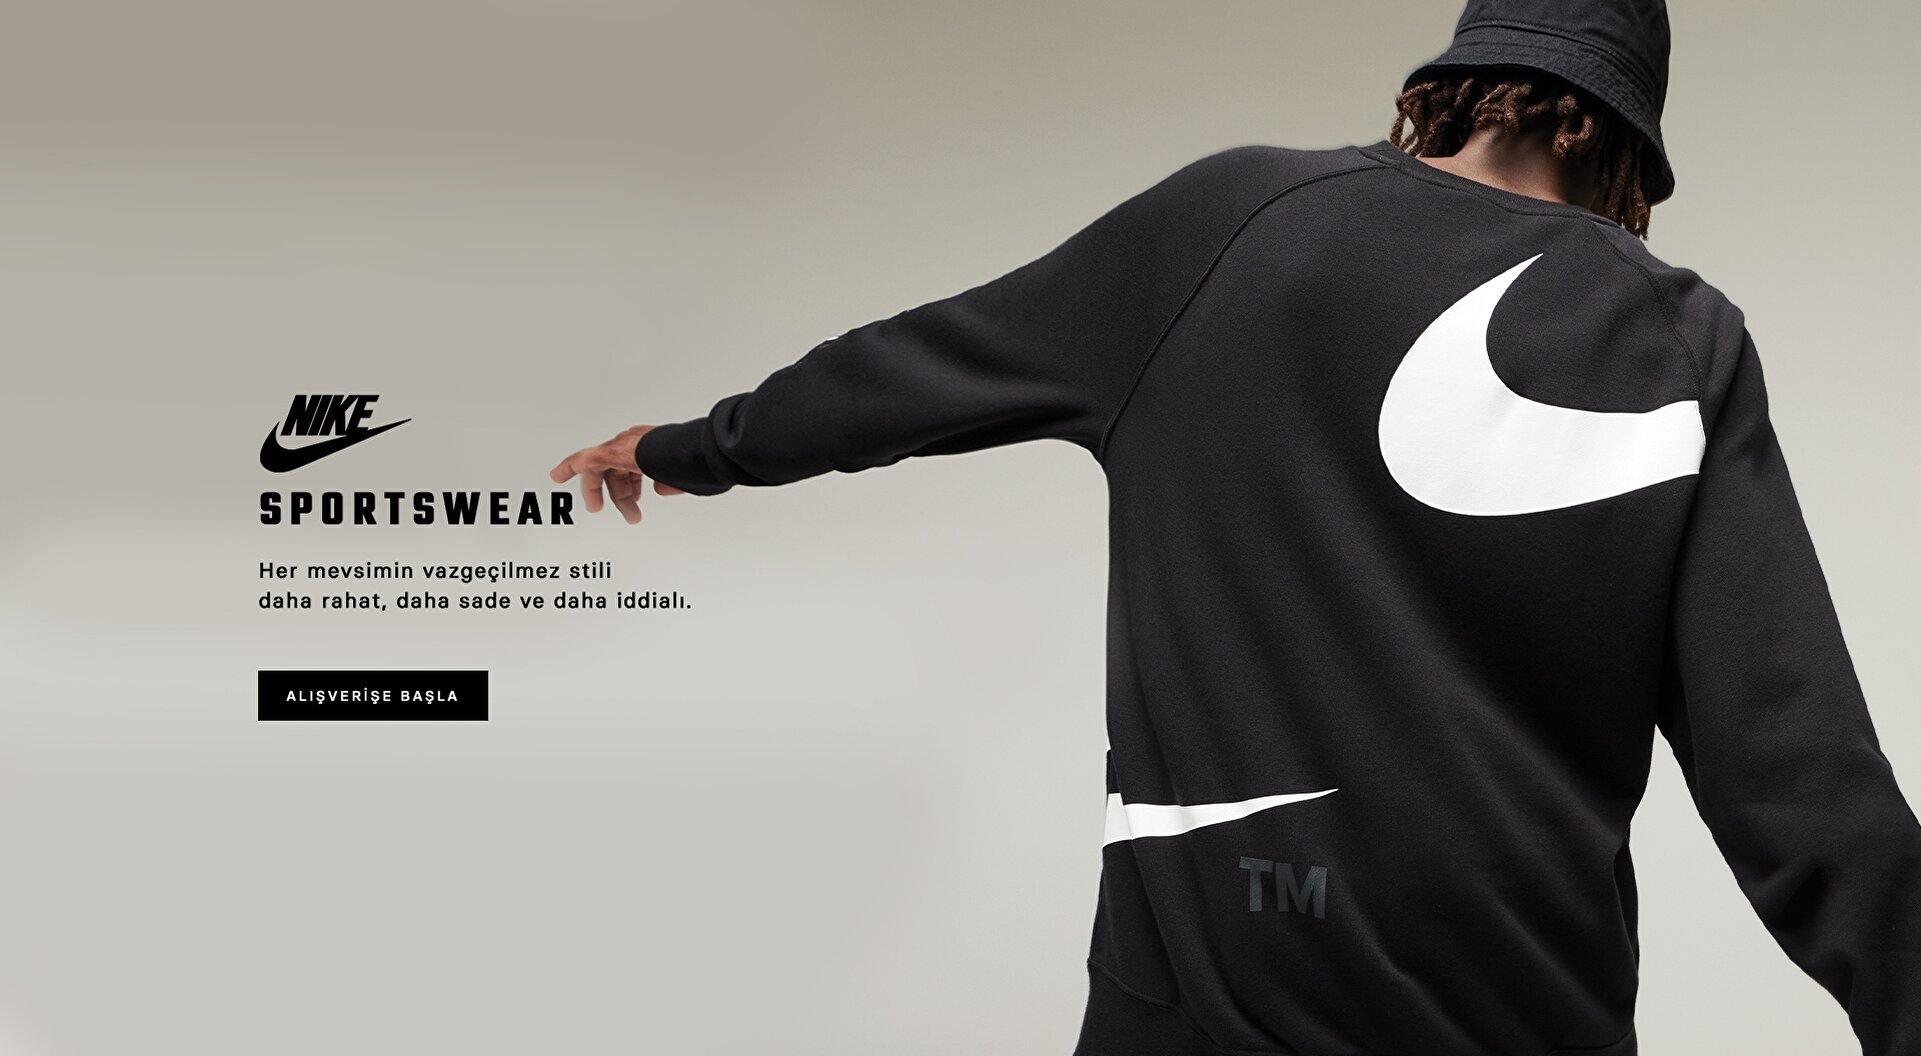 Sportswear151021